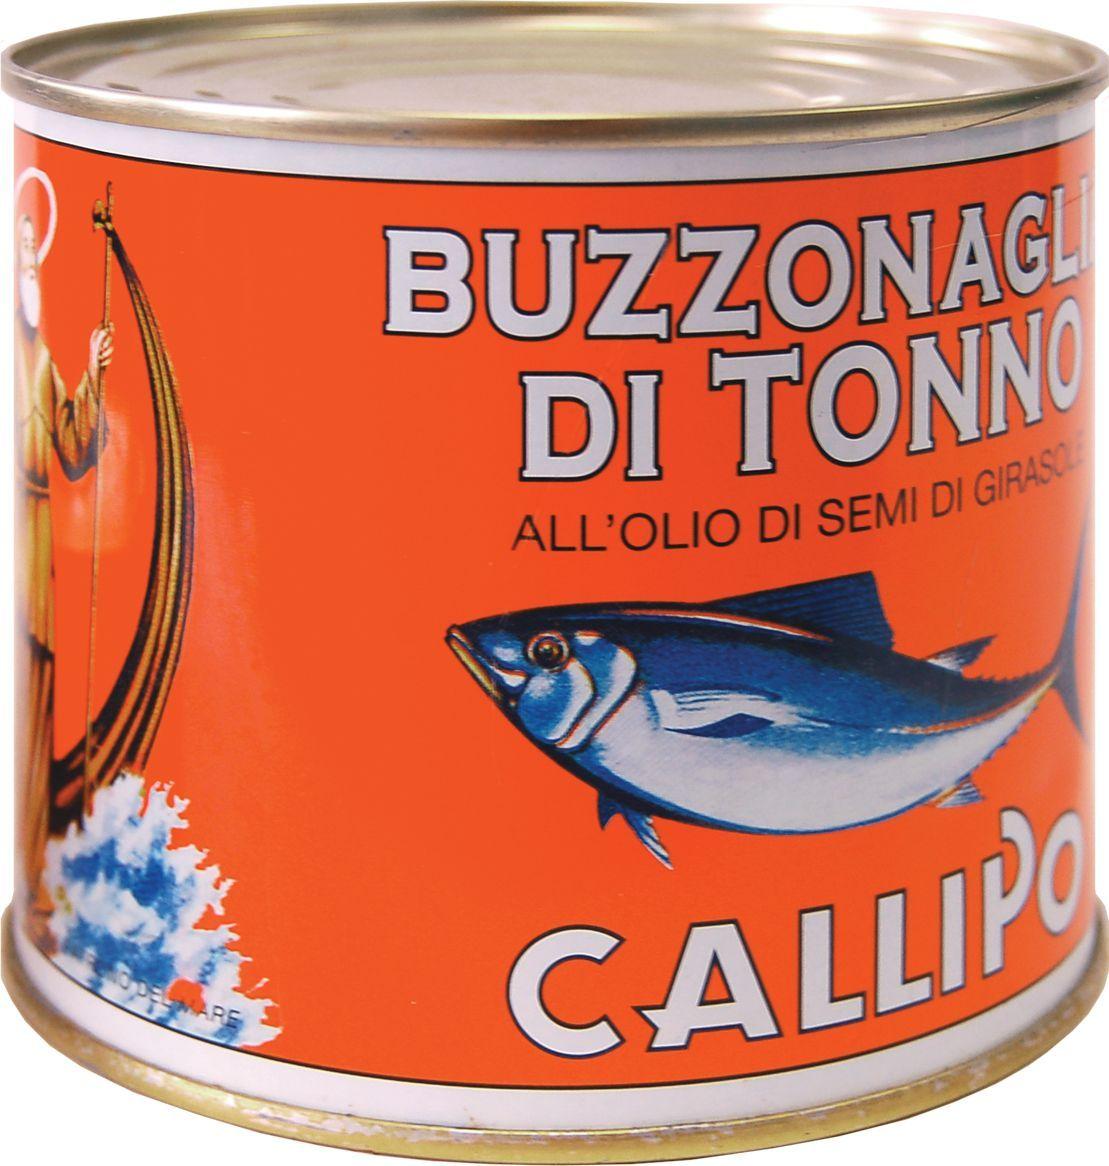 Callipo Тунец Буззональя в подсолнечном масле, 620 г0.2274.0055Тунец Роза Мария Бузональя в подсолнечном масле добавляют в салаты и сэндвичи, на его основе также готовят соусы к курице, мясу и пасте. В любом виде тунец сохраняет свой нежный и изысканный вкус. Тунец удивителен в том числе и тем, что при его разделке практически не бывает отходов. Любые части этой рыбы можно использовать в пищу. Так, бузональя — это часть тунца, темное мясо, прилегающее к позвоночнику рыбы и остающееся на нем после филирования. Бузональя консервируется мелкими «хлопьями», имеет яркий вкус и используется для приготовления соусов к пасте. Мясо тунца — богато фосфором, легко усваиваемыми белками, ненасыщенными жирными кислотами, витаминами A и B1, что делает его диетическим и здоровым продуктом. Это редкий виды рыбы, чьи полезные свойства не теряются при консервации. Хранить при t не выше +25°С. После вскрытия хранить при t от 0°С до +8С, желательно употребить в течение недели.